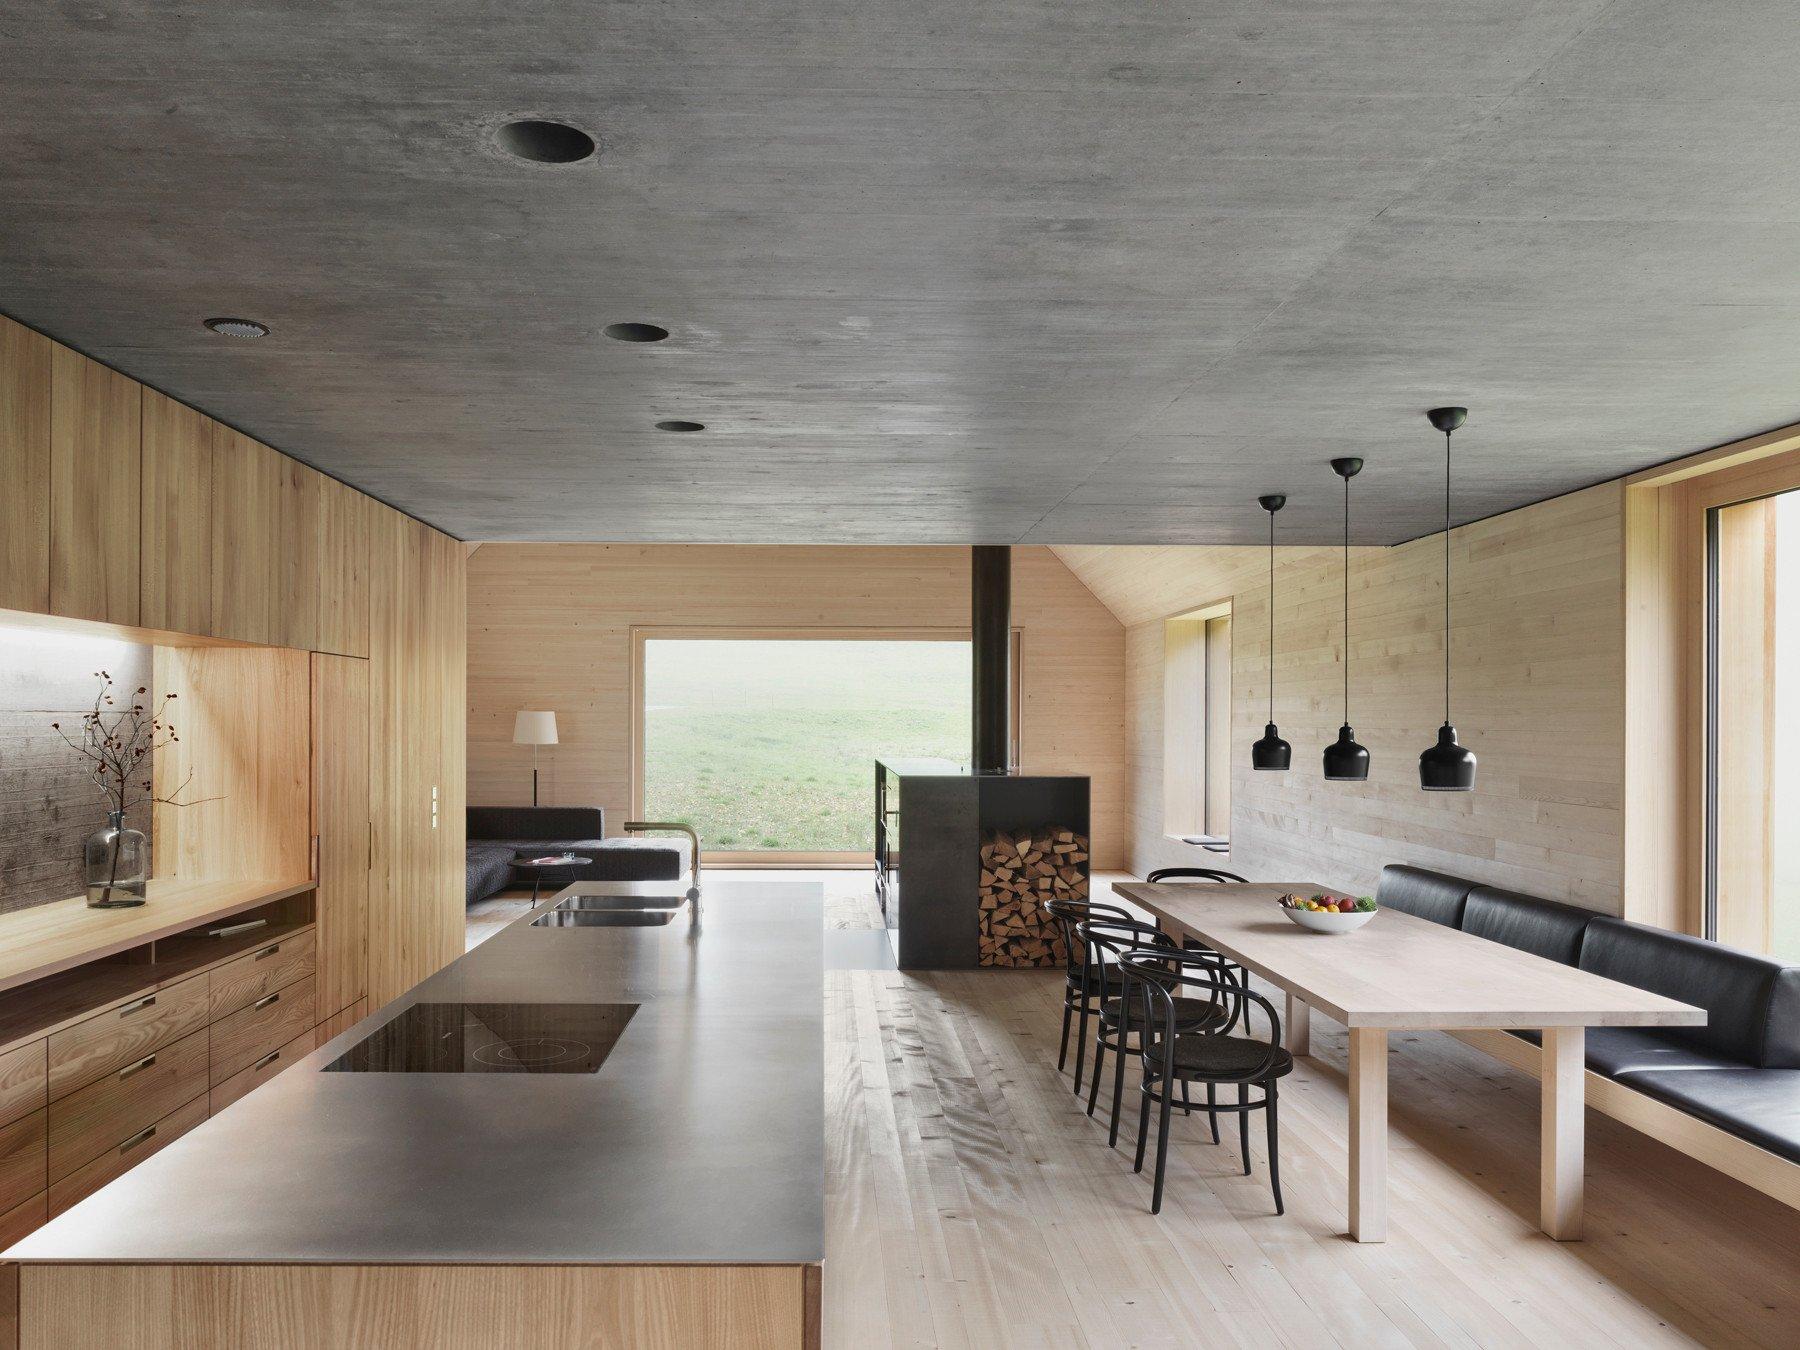 Haus am moor in krumbach gesund bauen wohnen baunetz for Beton haus bauen